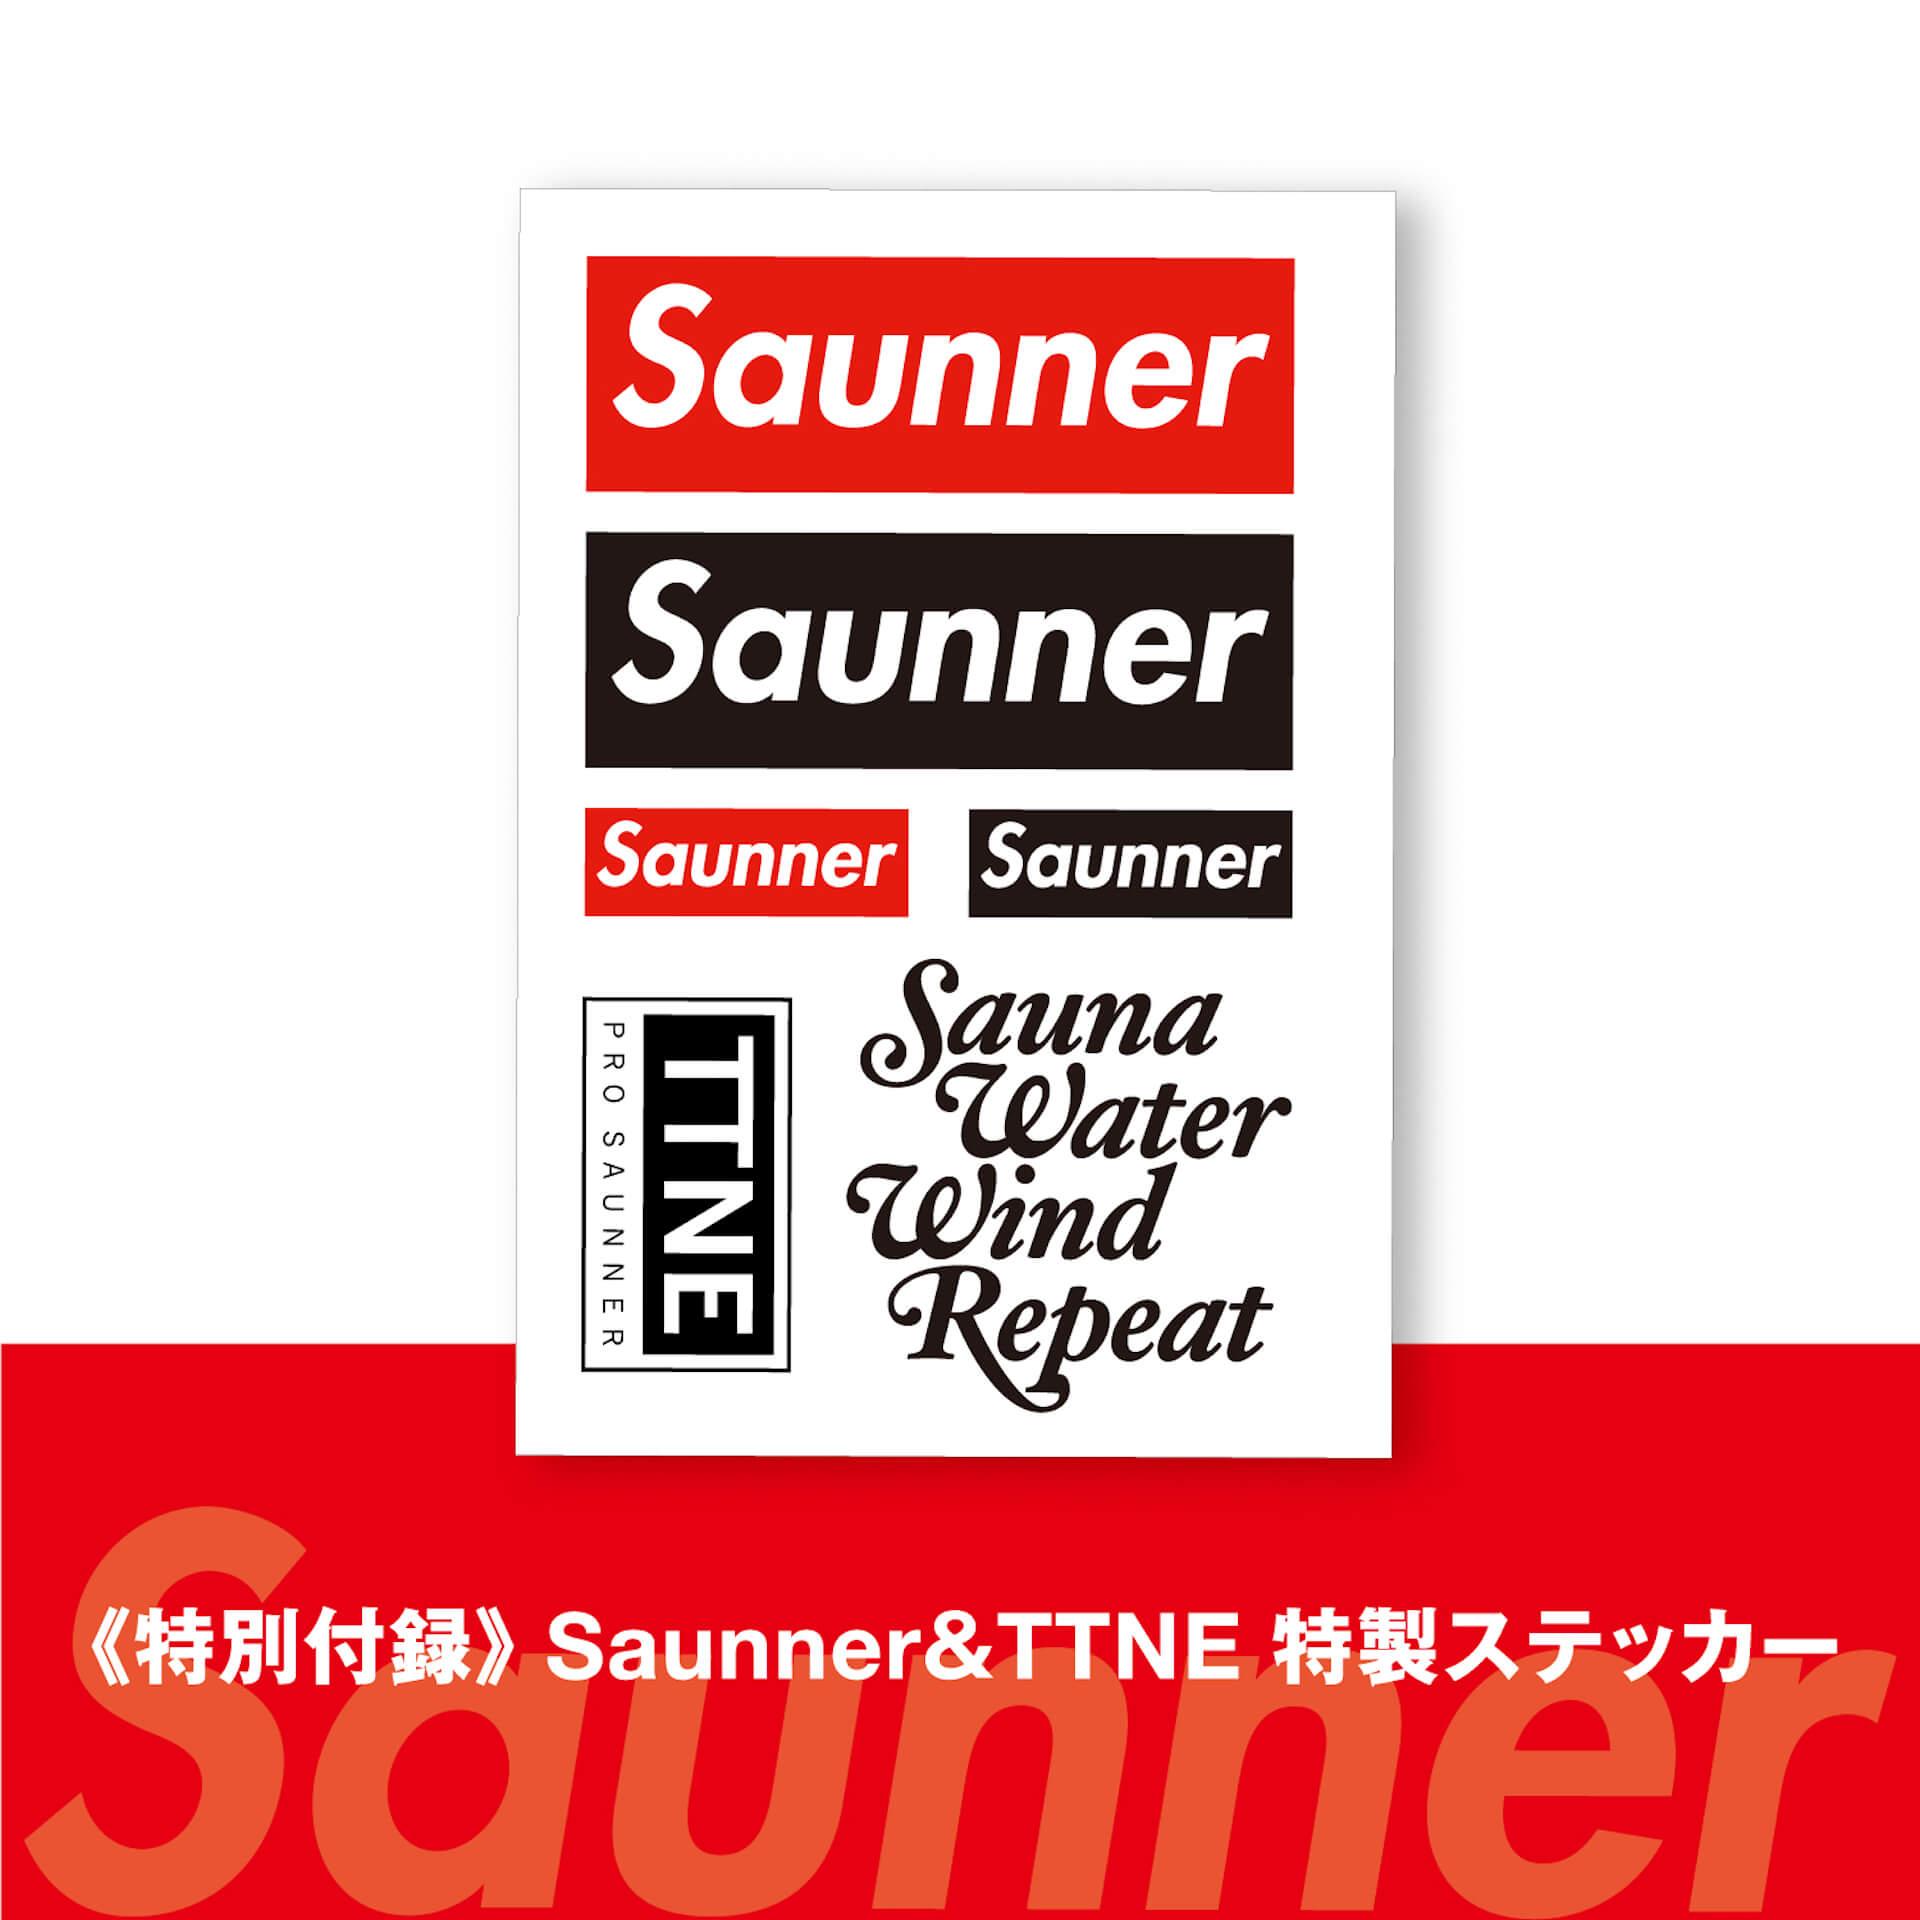 サウナーによるサウナーに向けたサウナ本がついに登場!ととのえ親方の『Saunner BOOK』がサウナの日に発売 life200305_saunner_7